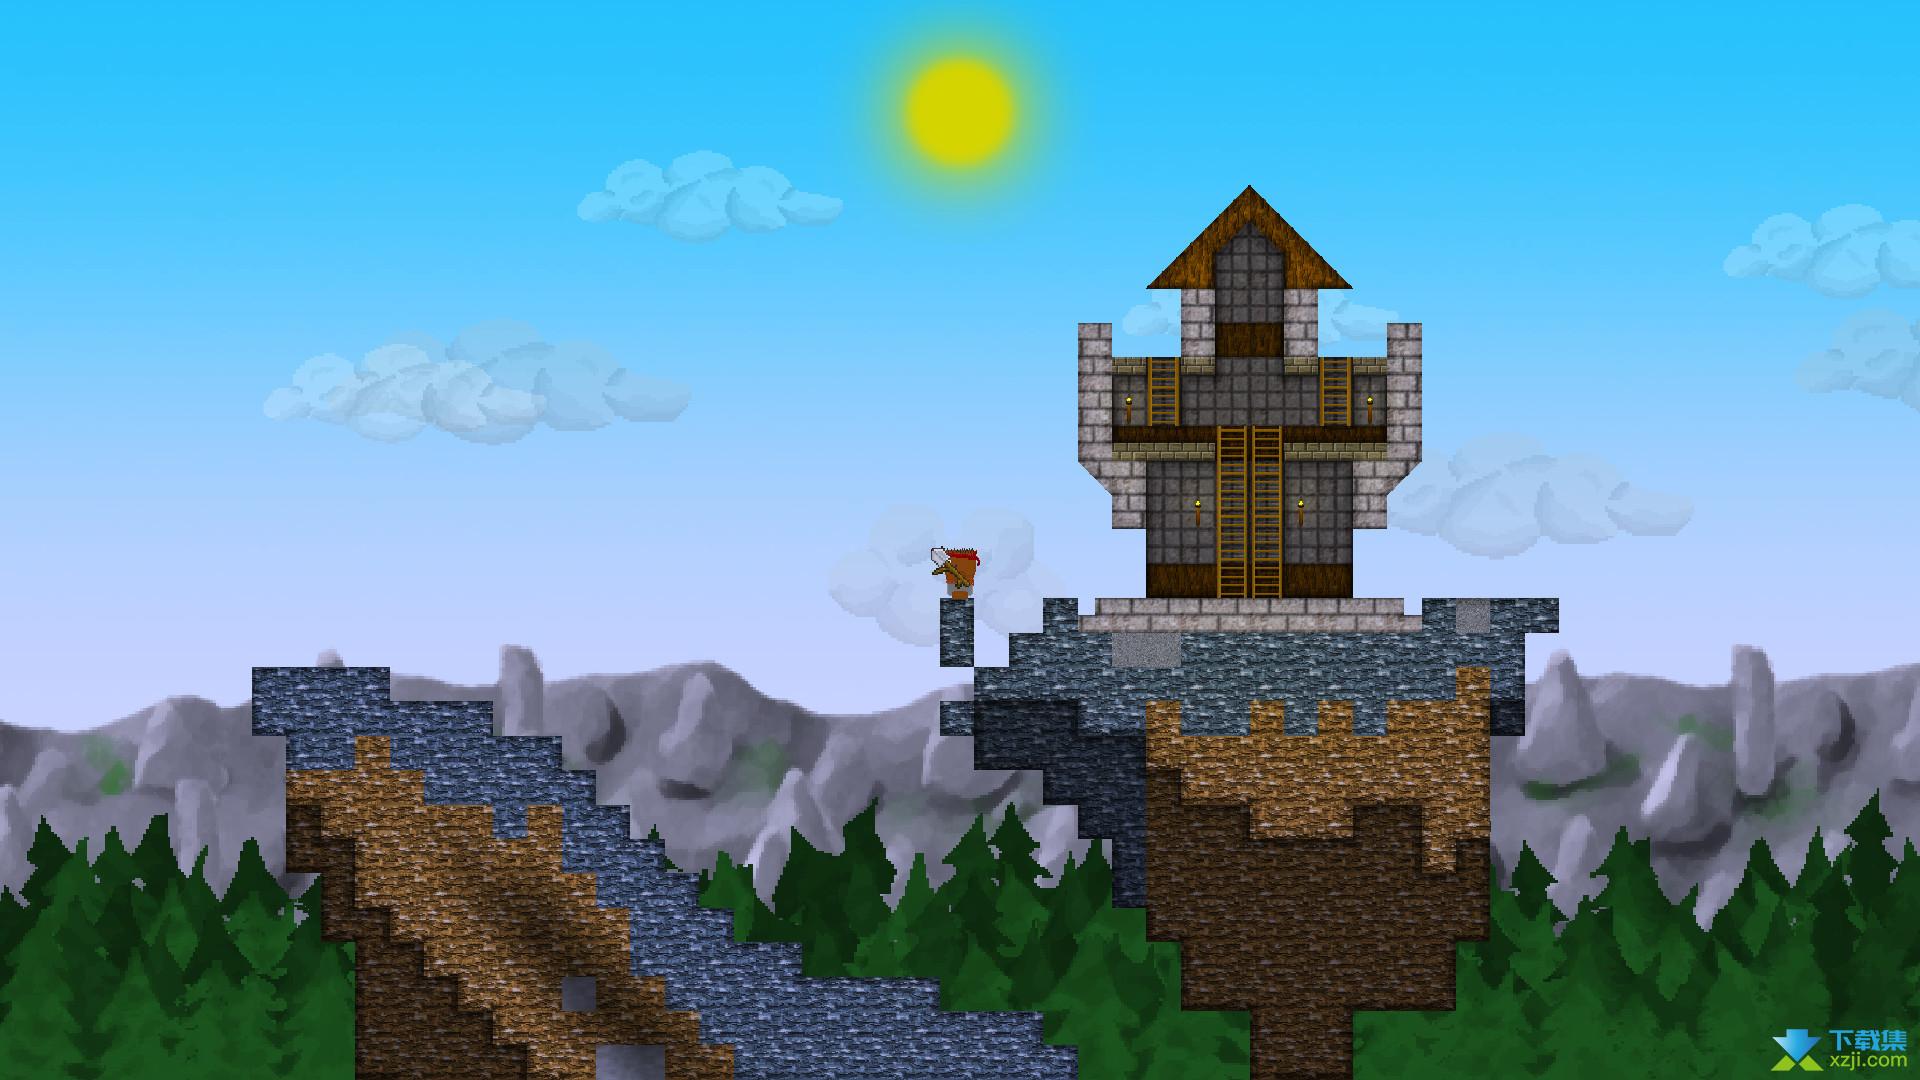 非像素方块世界界面2